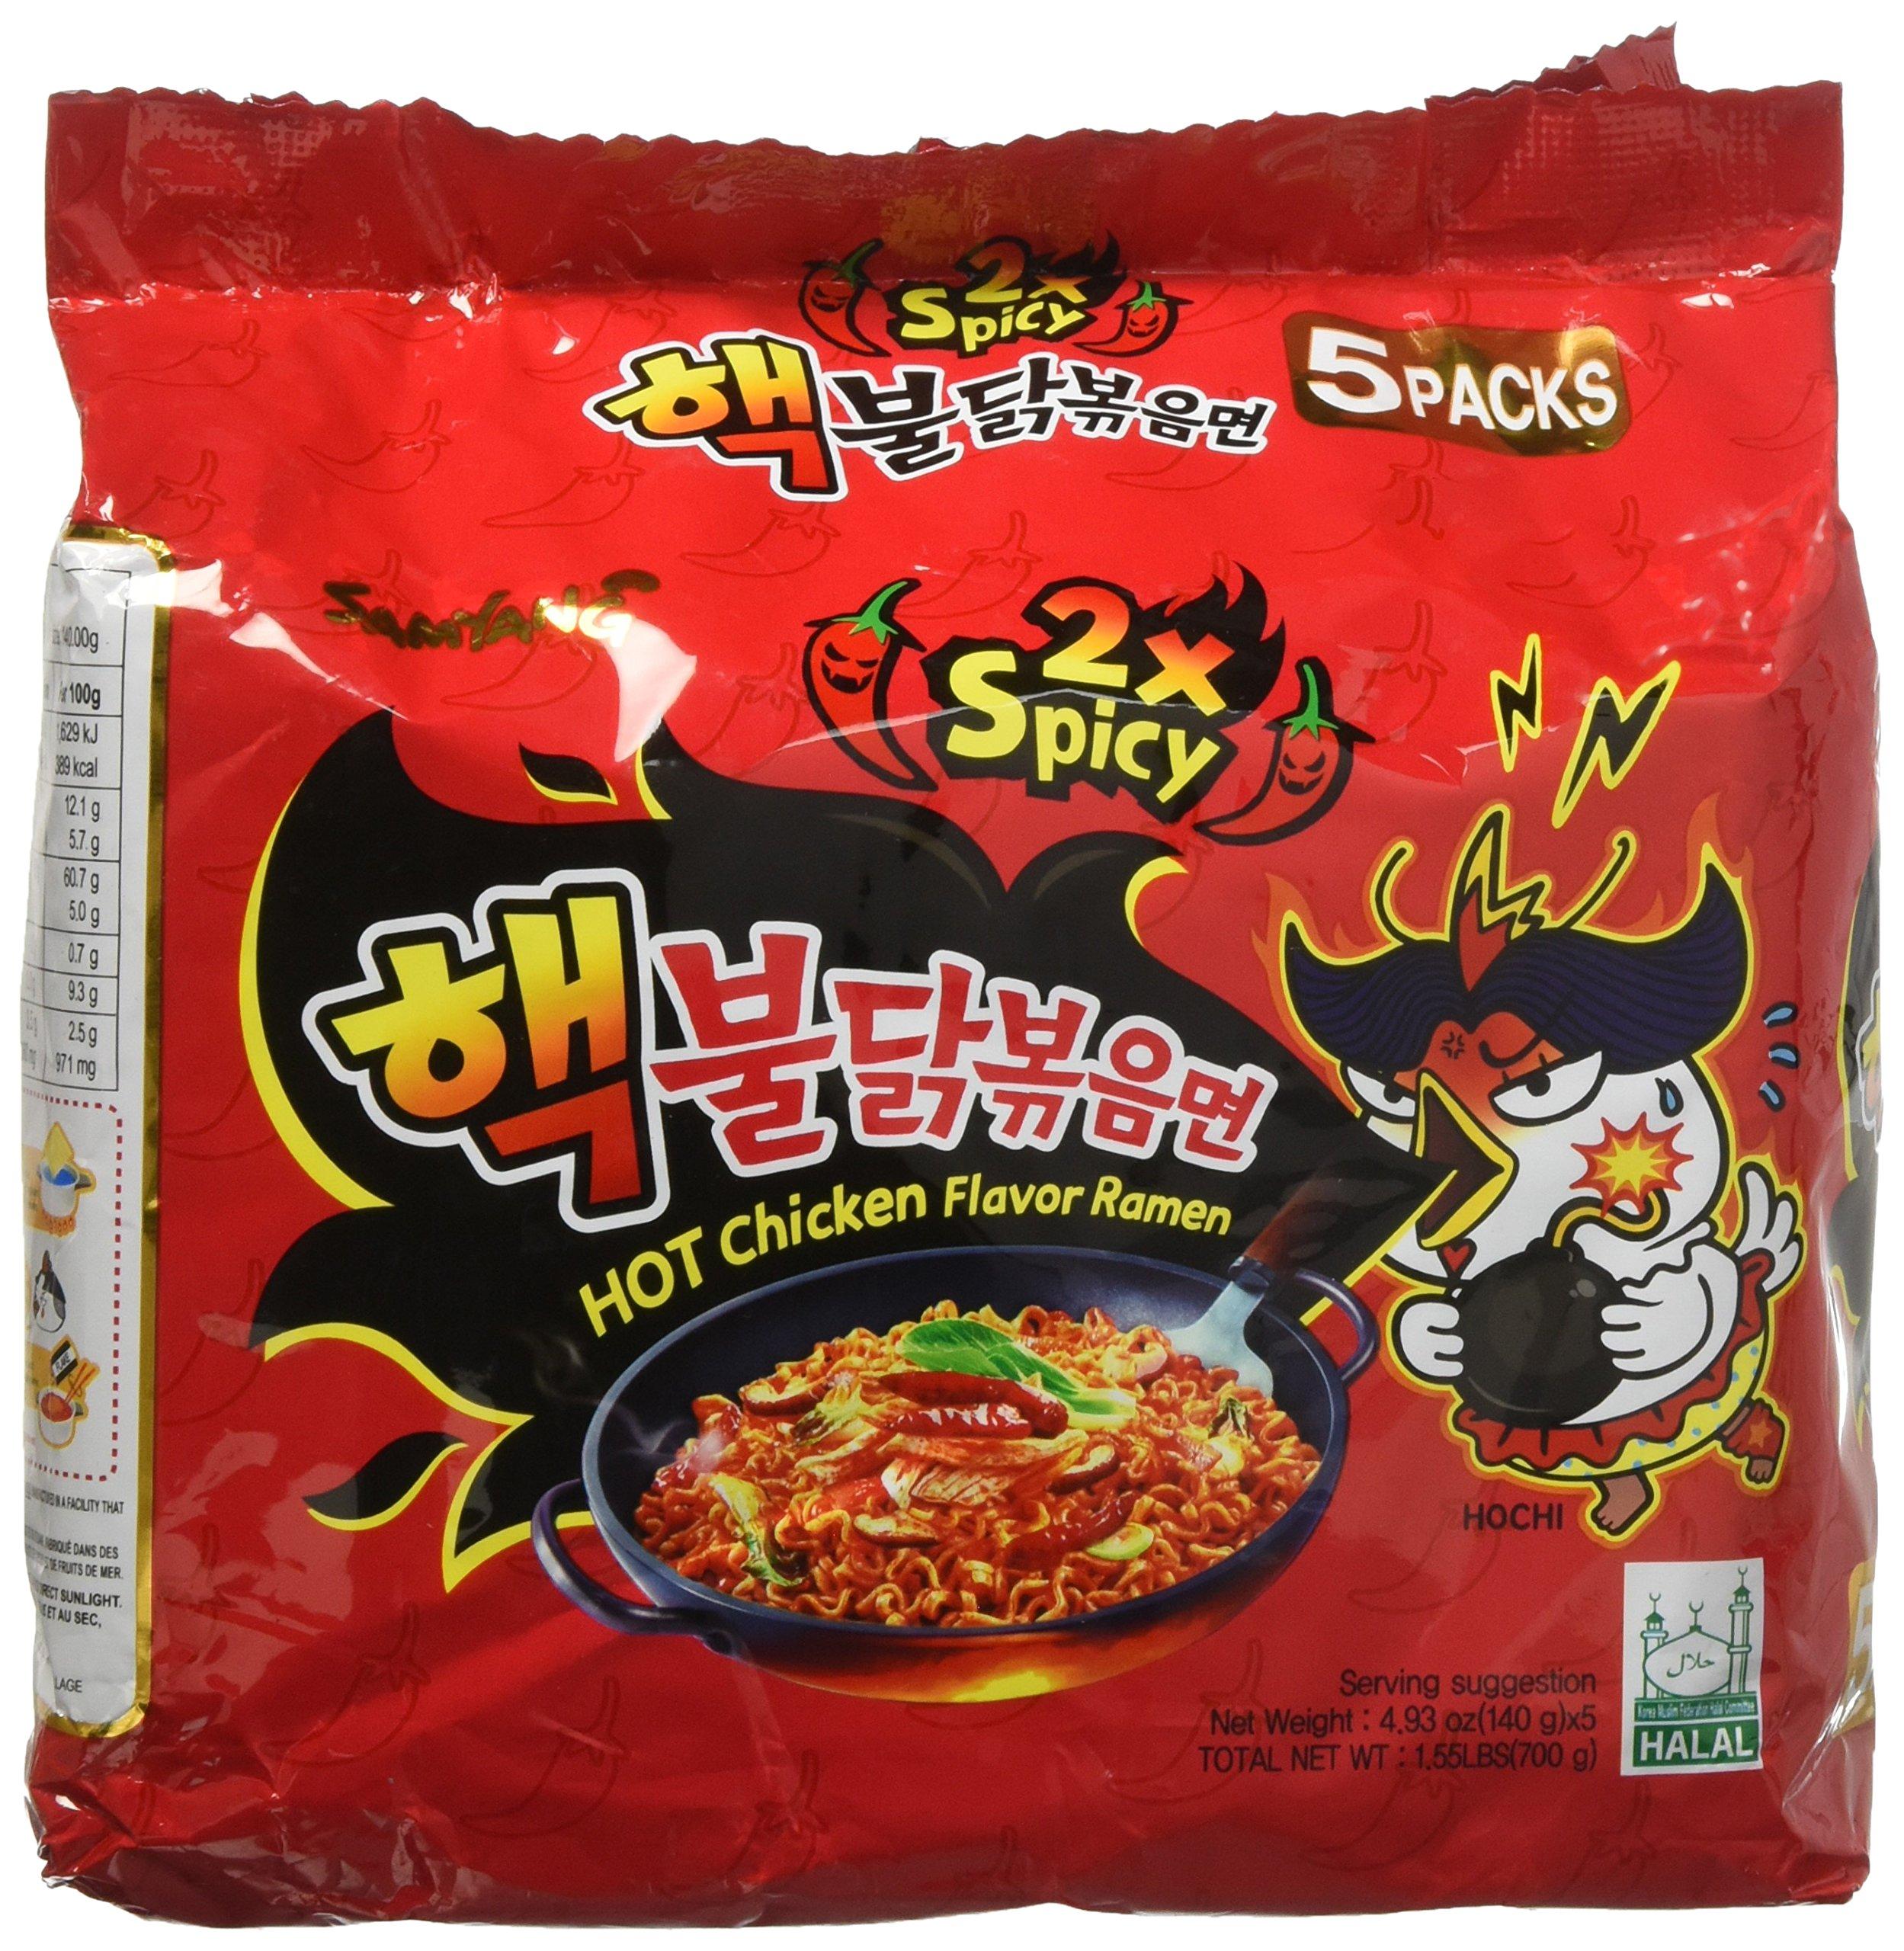 Samyang Fire Chicken 2X Spicy Ramen Pouch, 5 X 140 g